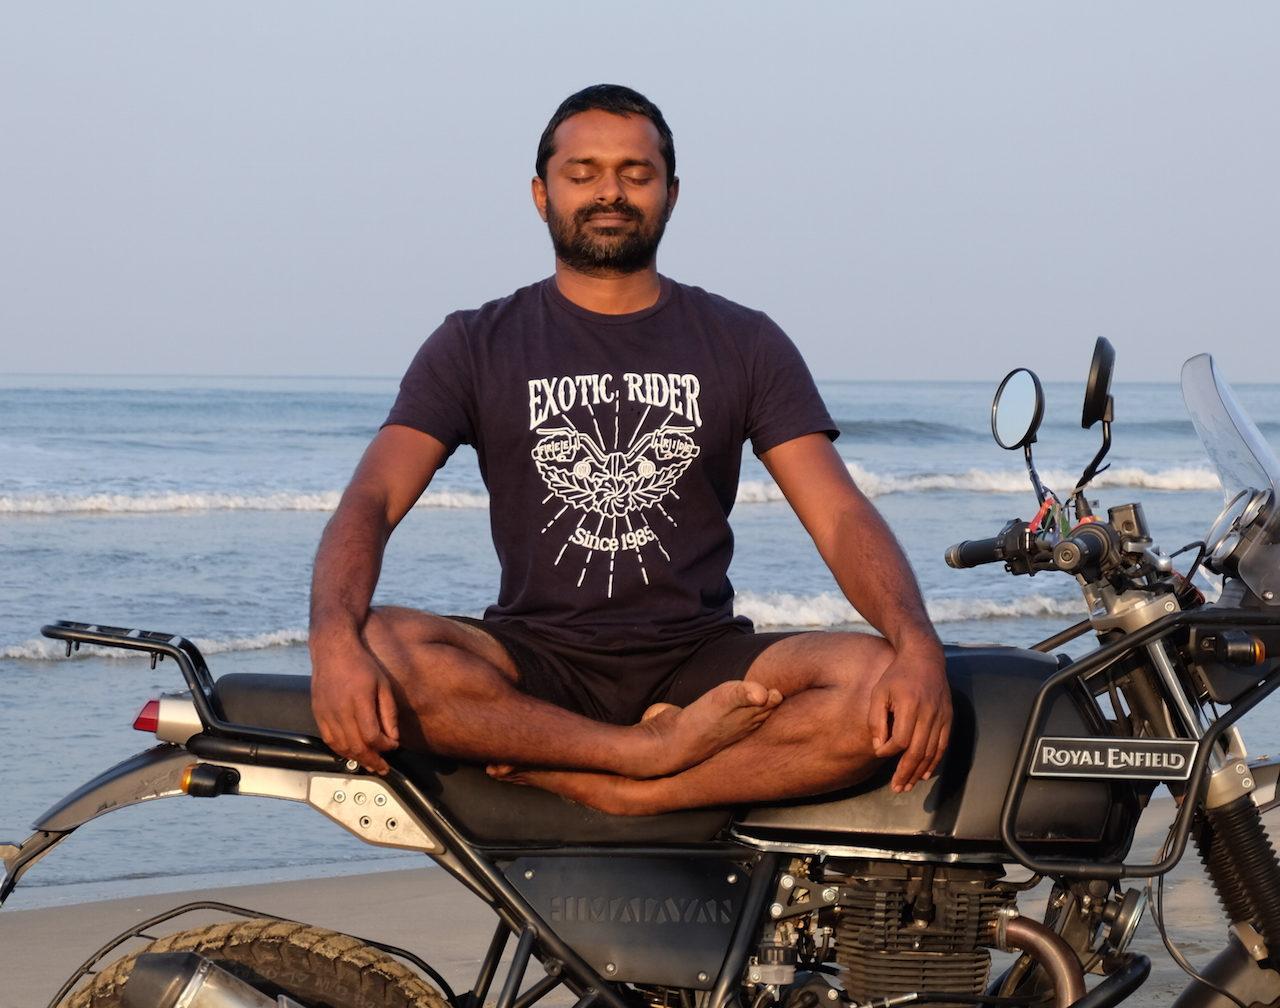 Estirar el cuerpo en pleno viaje en moto